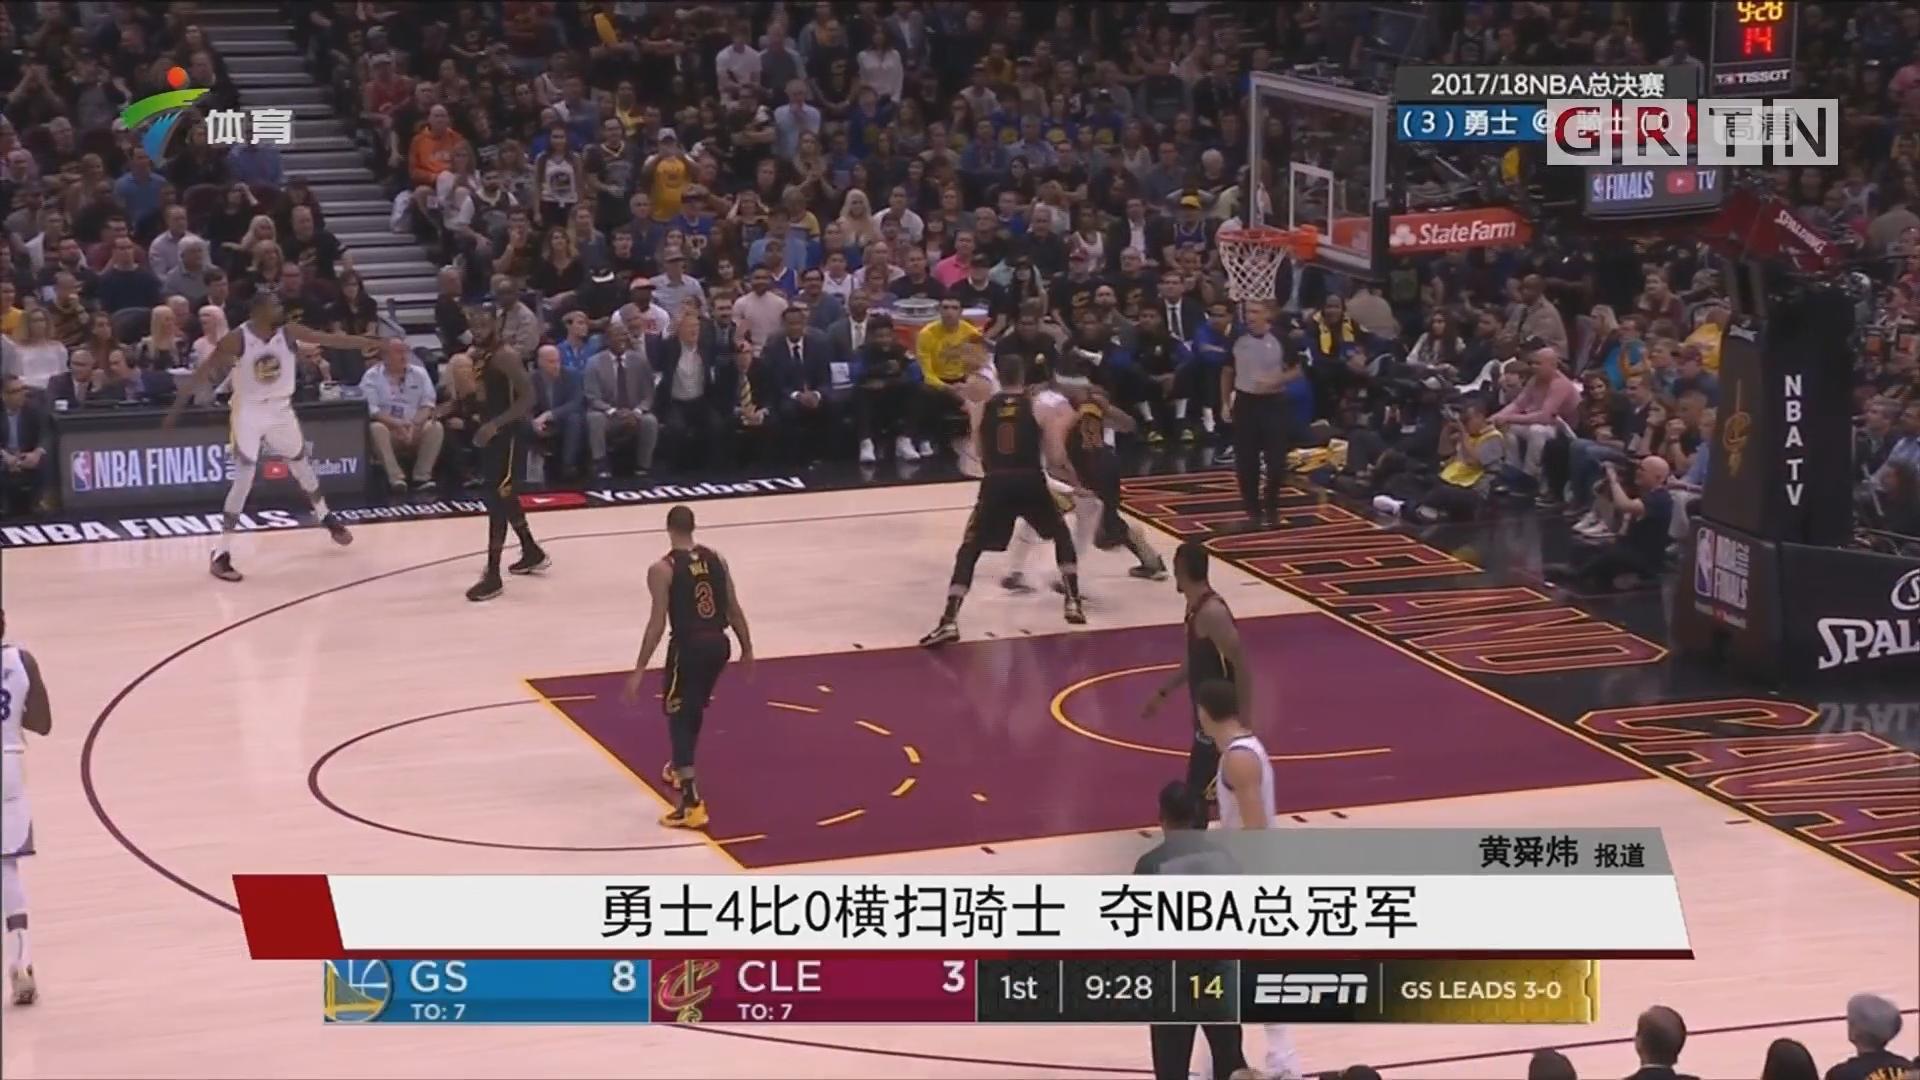 勇士4比0横扫骑士 夺NBA总冠军